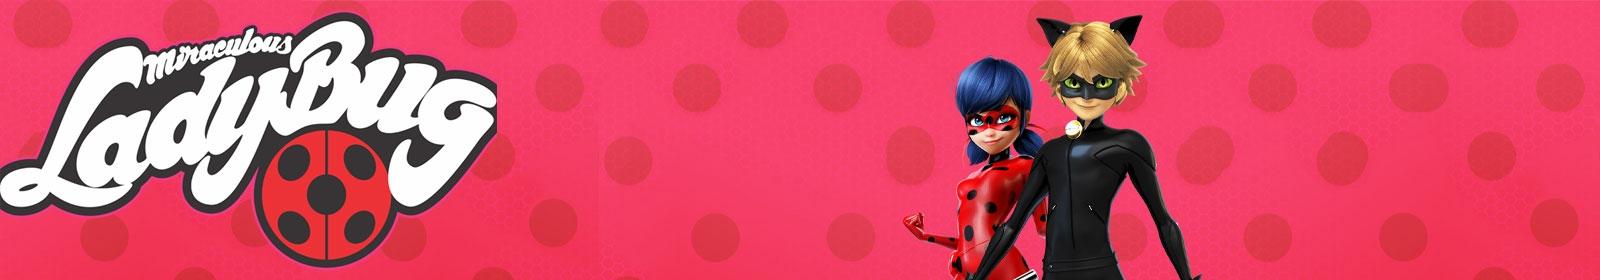 comprar brinquedos Ladybug online ao melhor preço